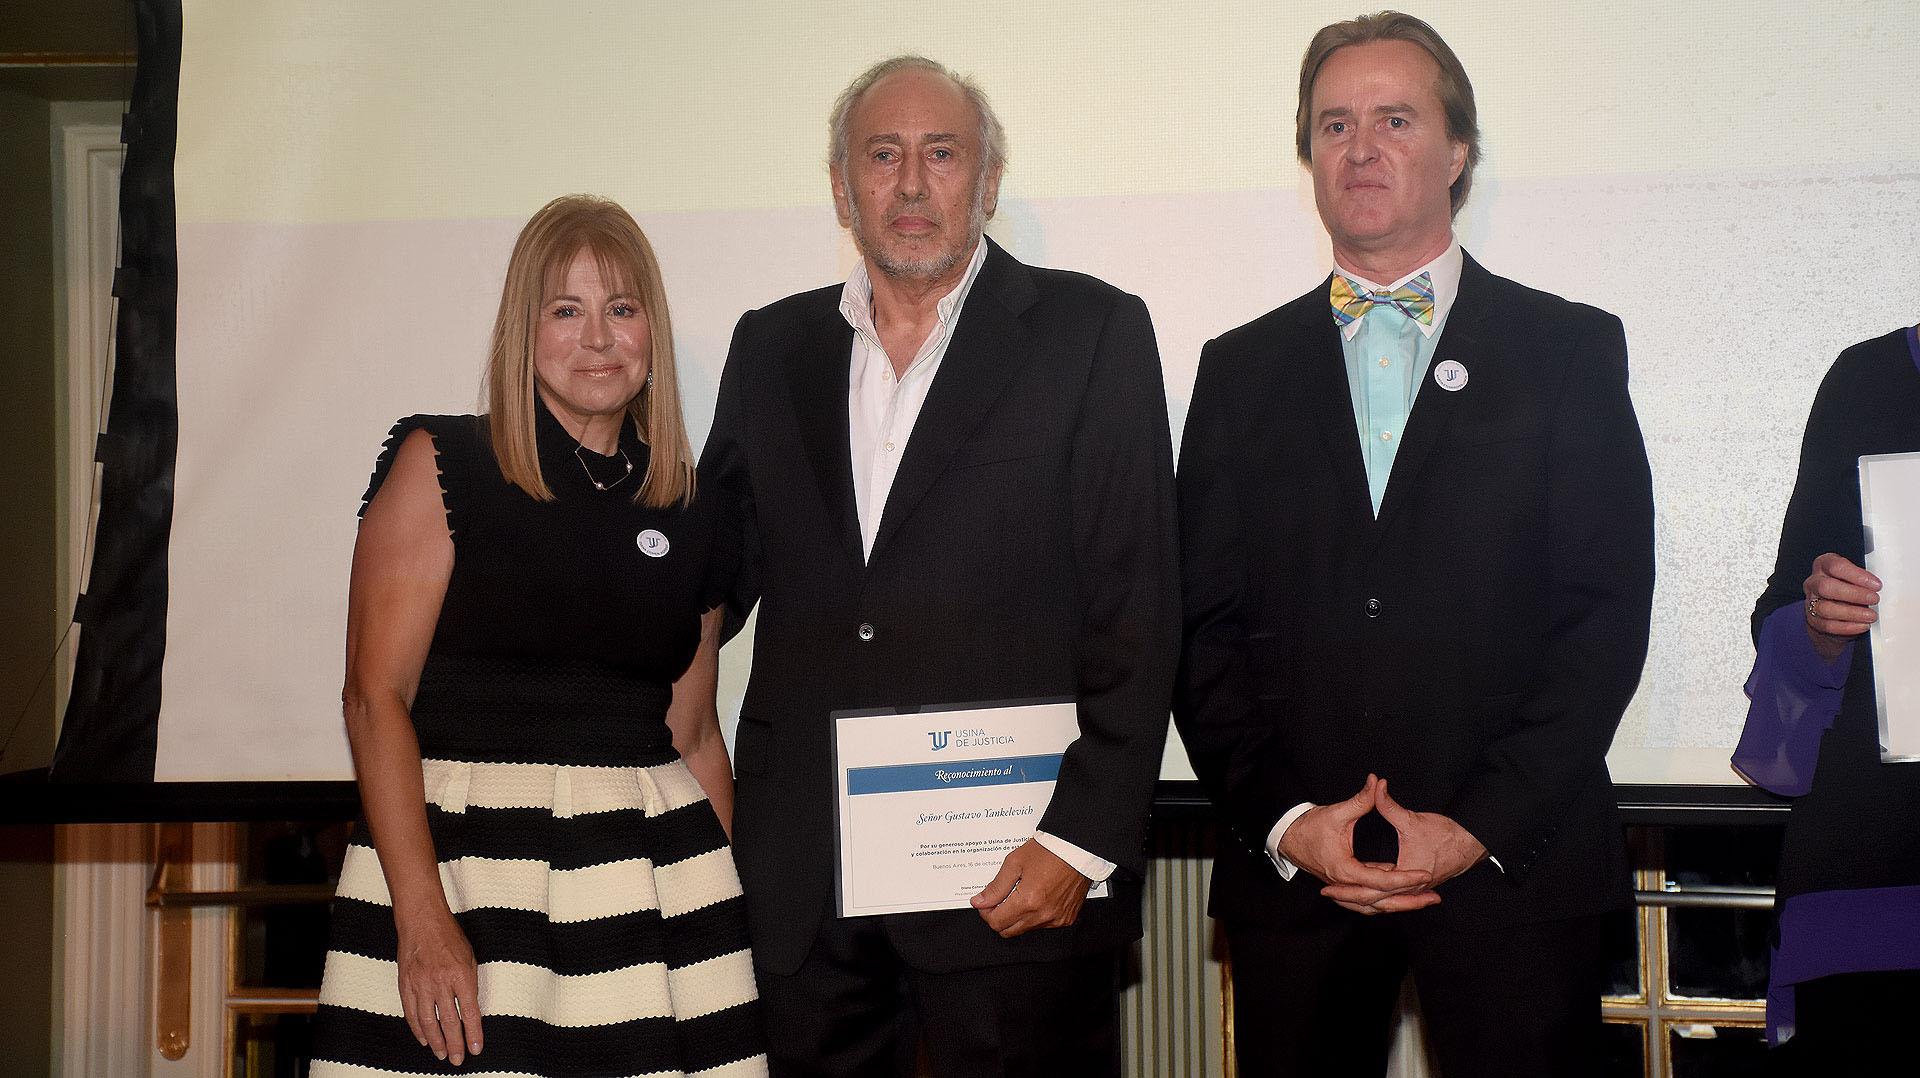 Gustavo Yankelevich con su diploma